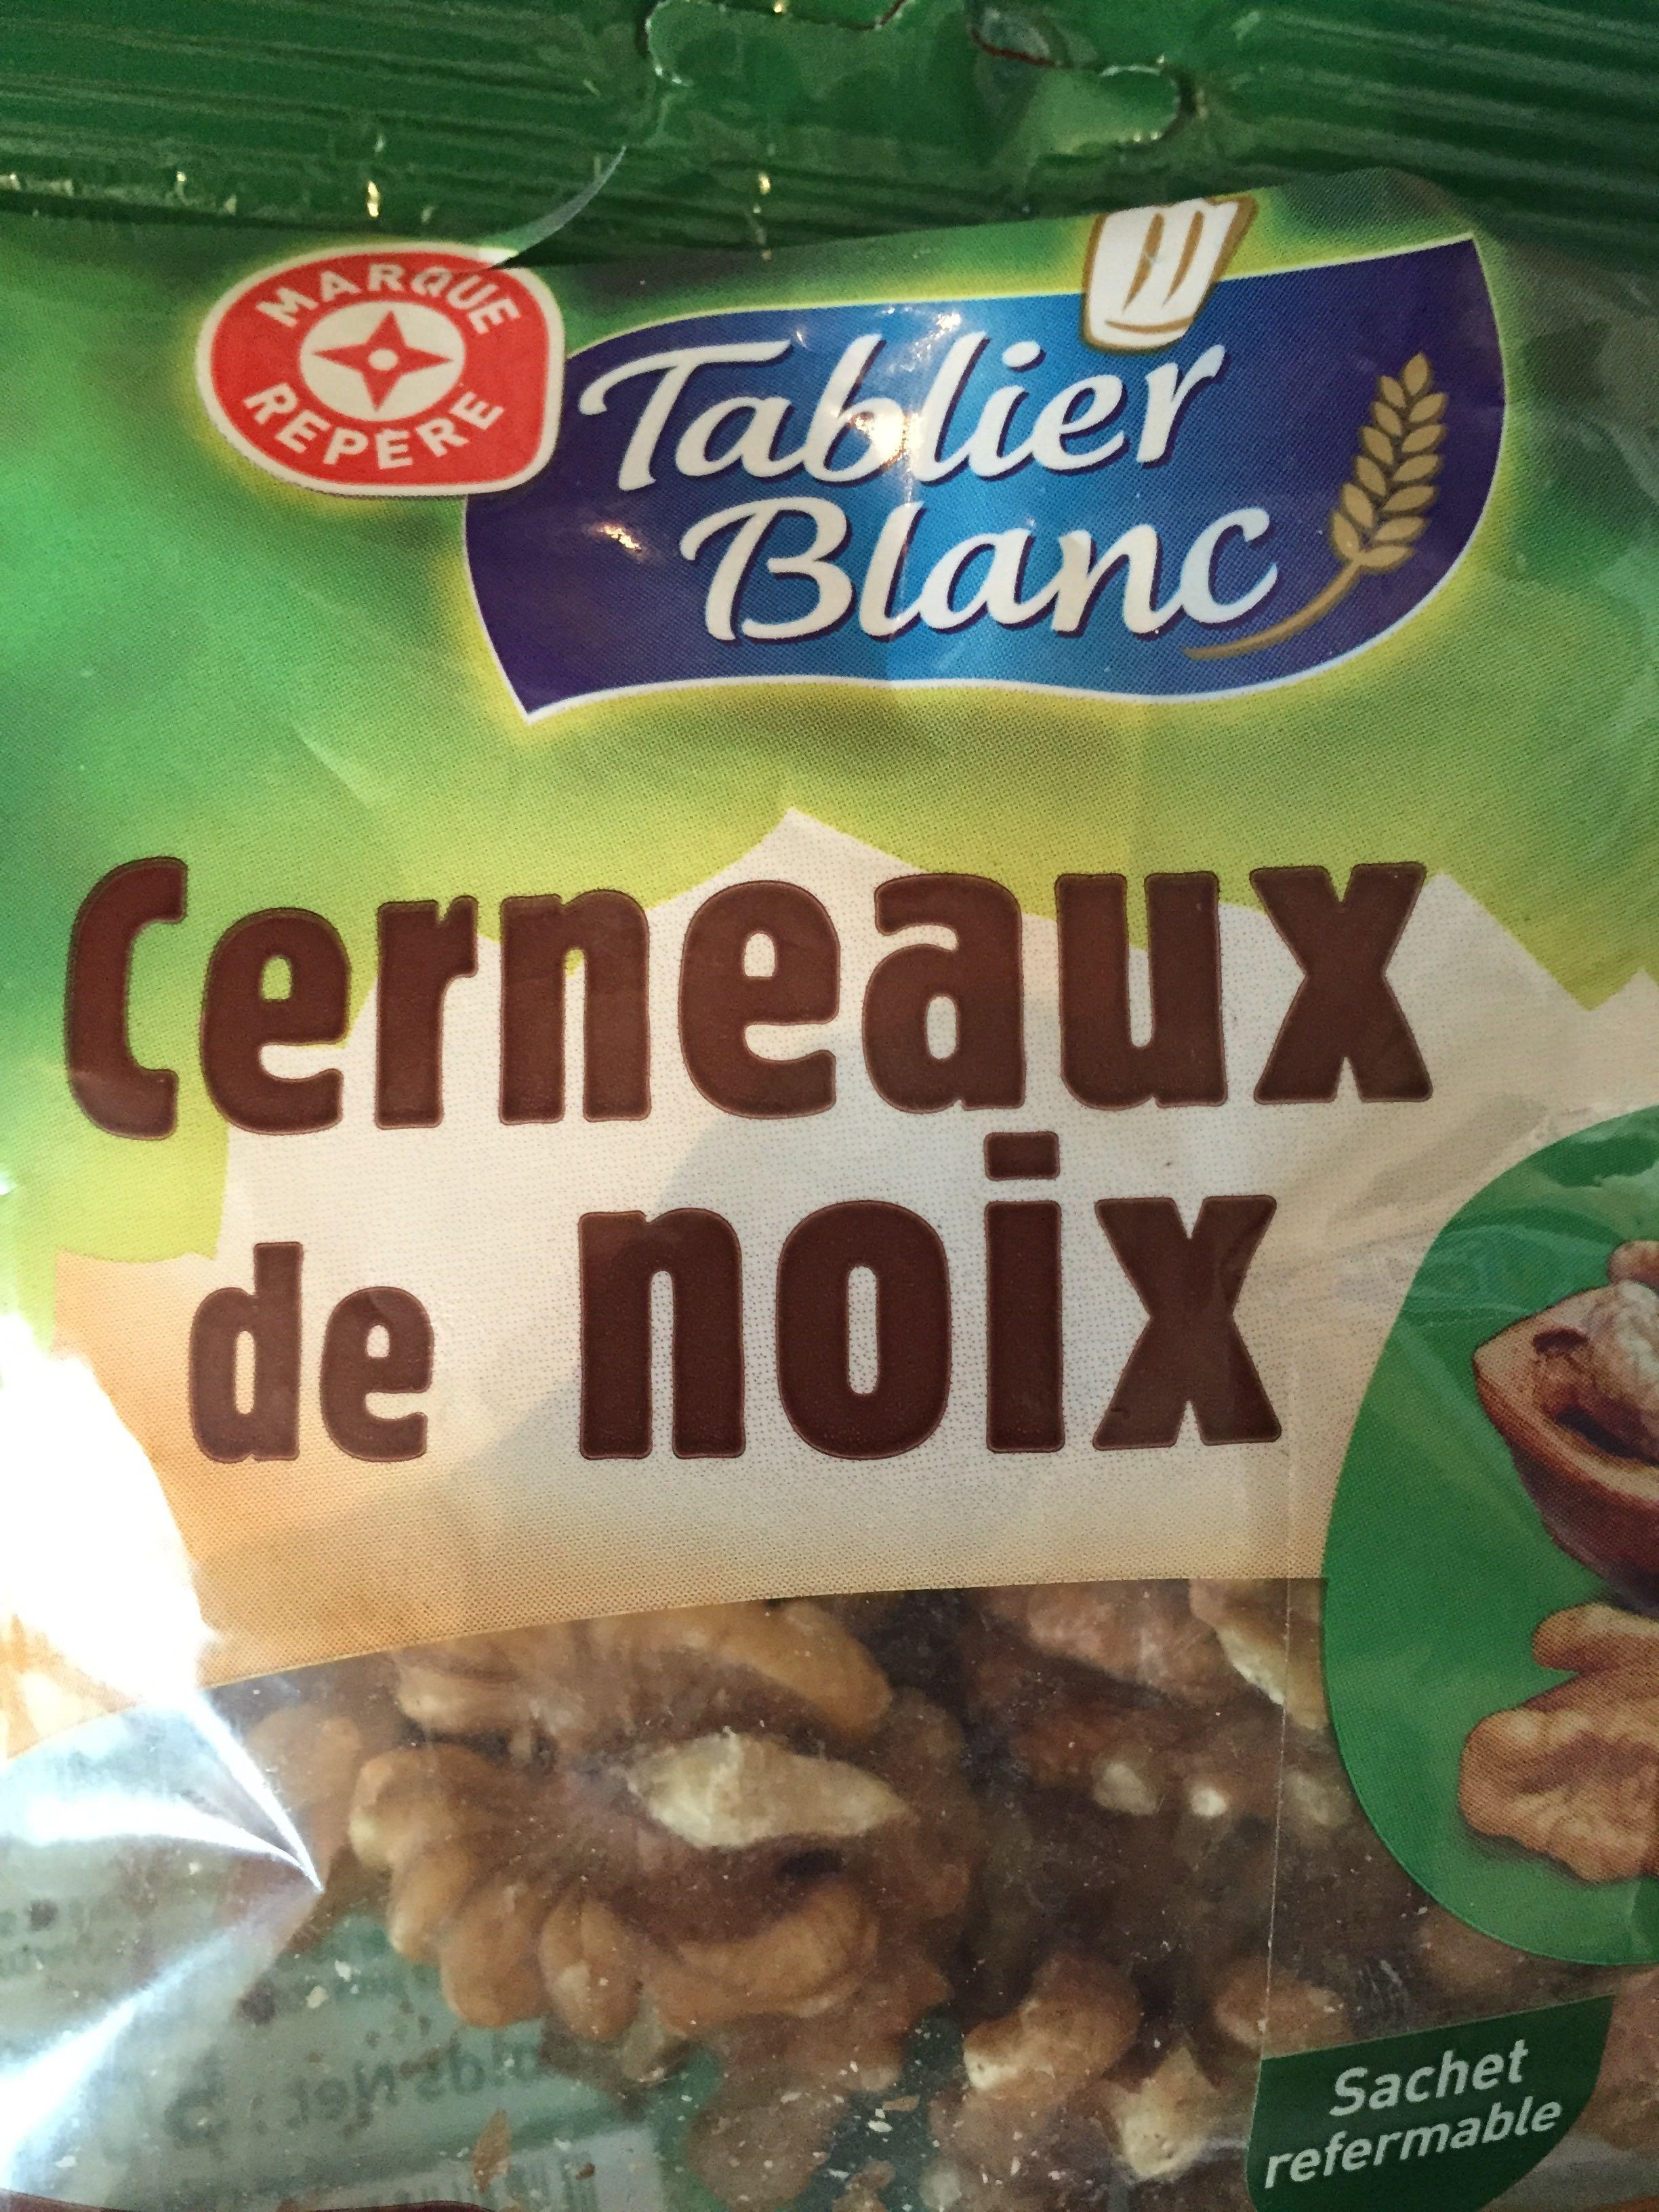 Cerneaux de noix - Product